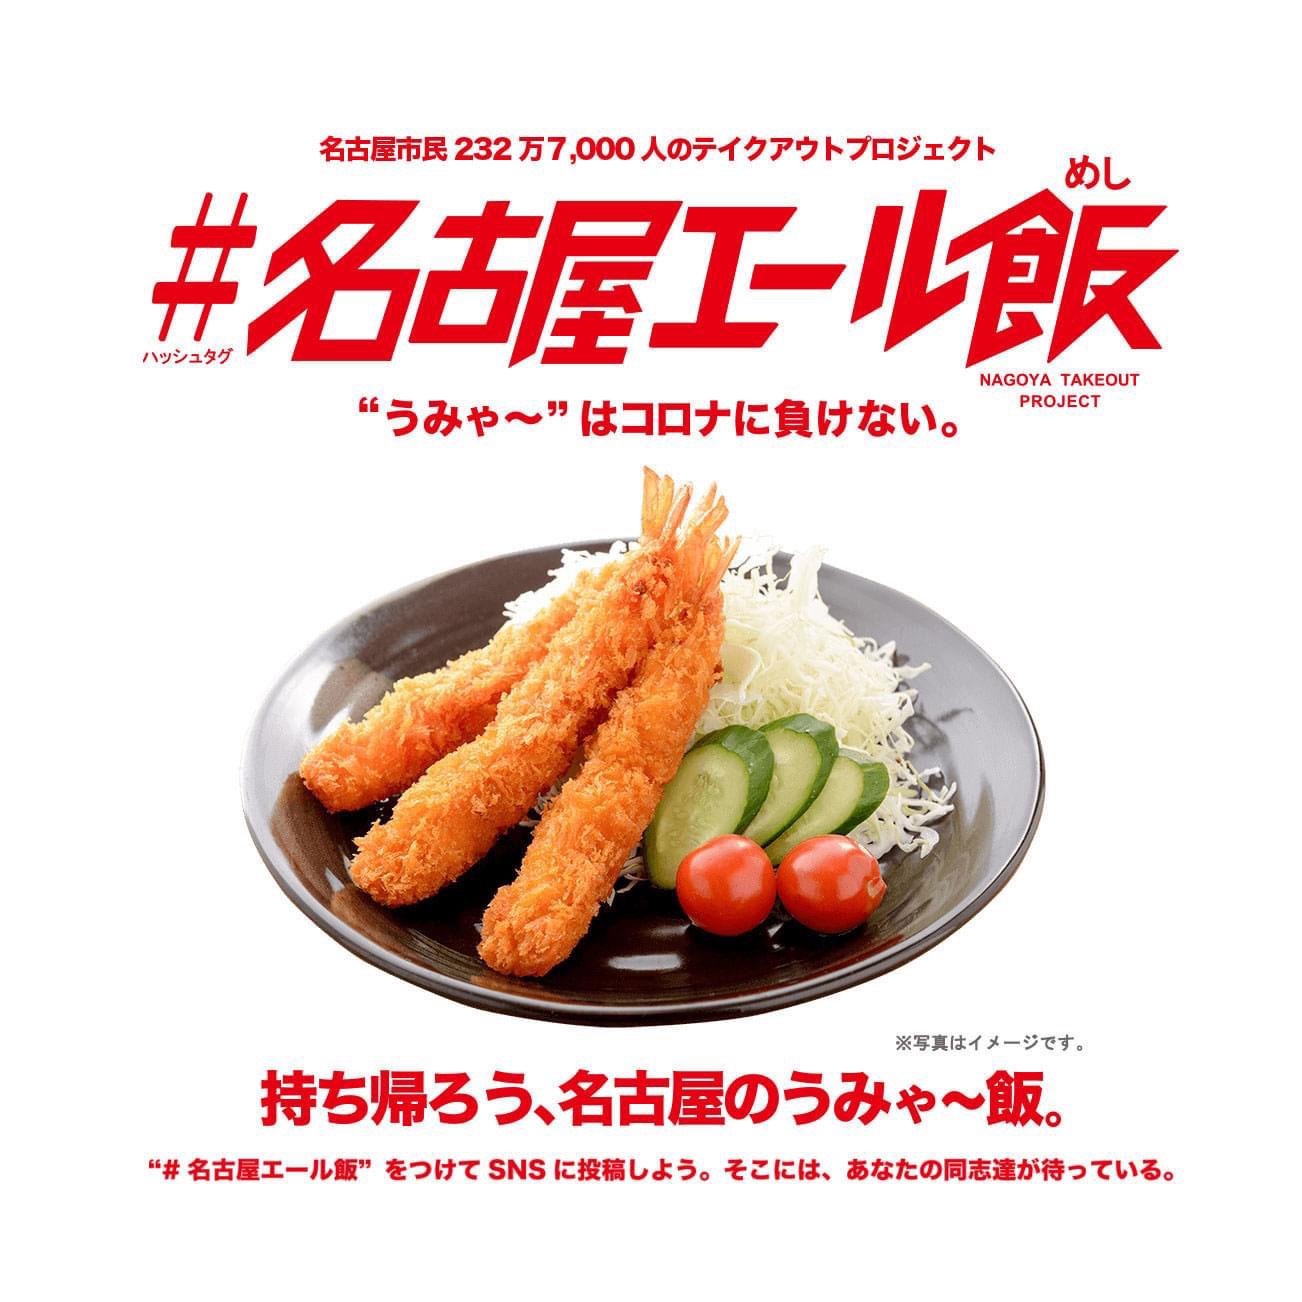 #名古屋エール飯